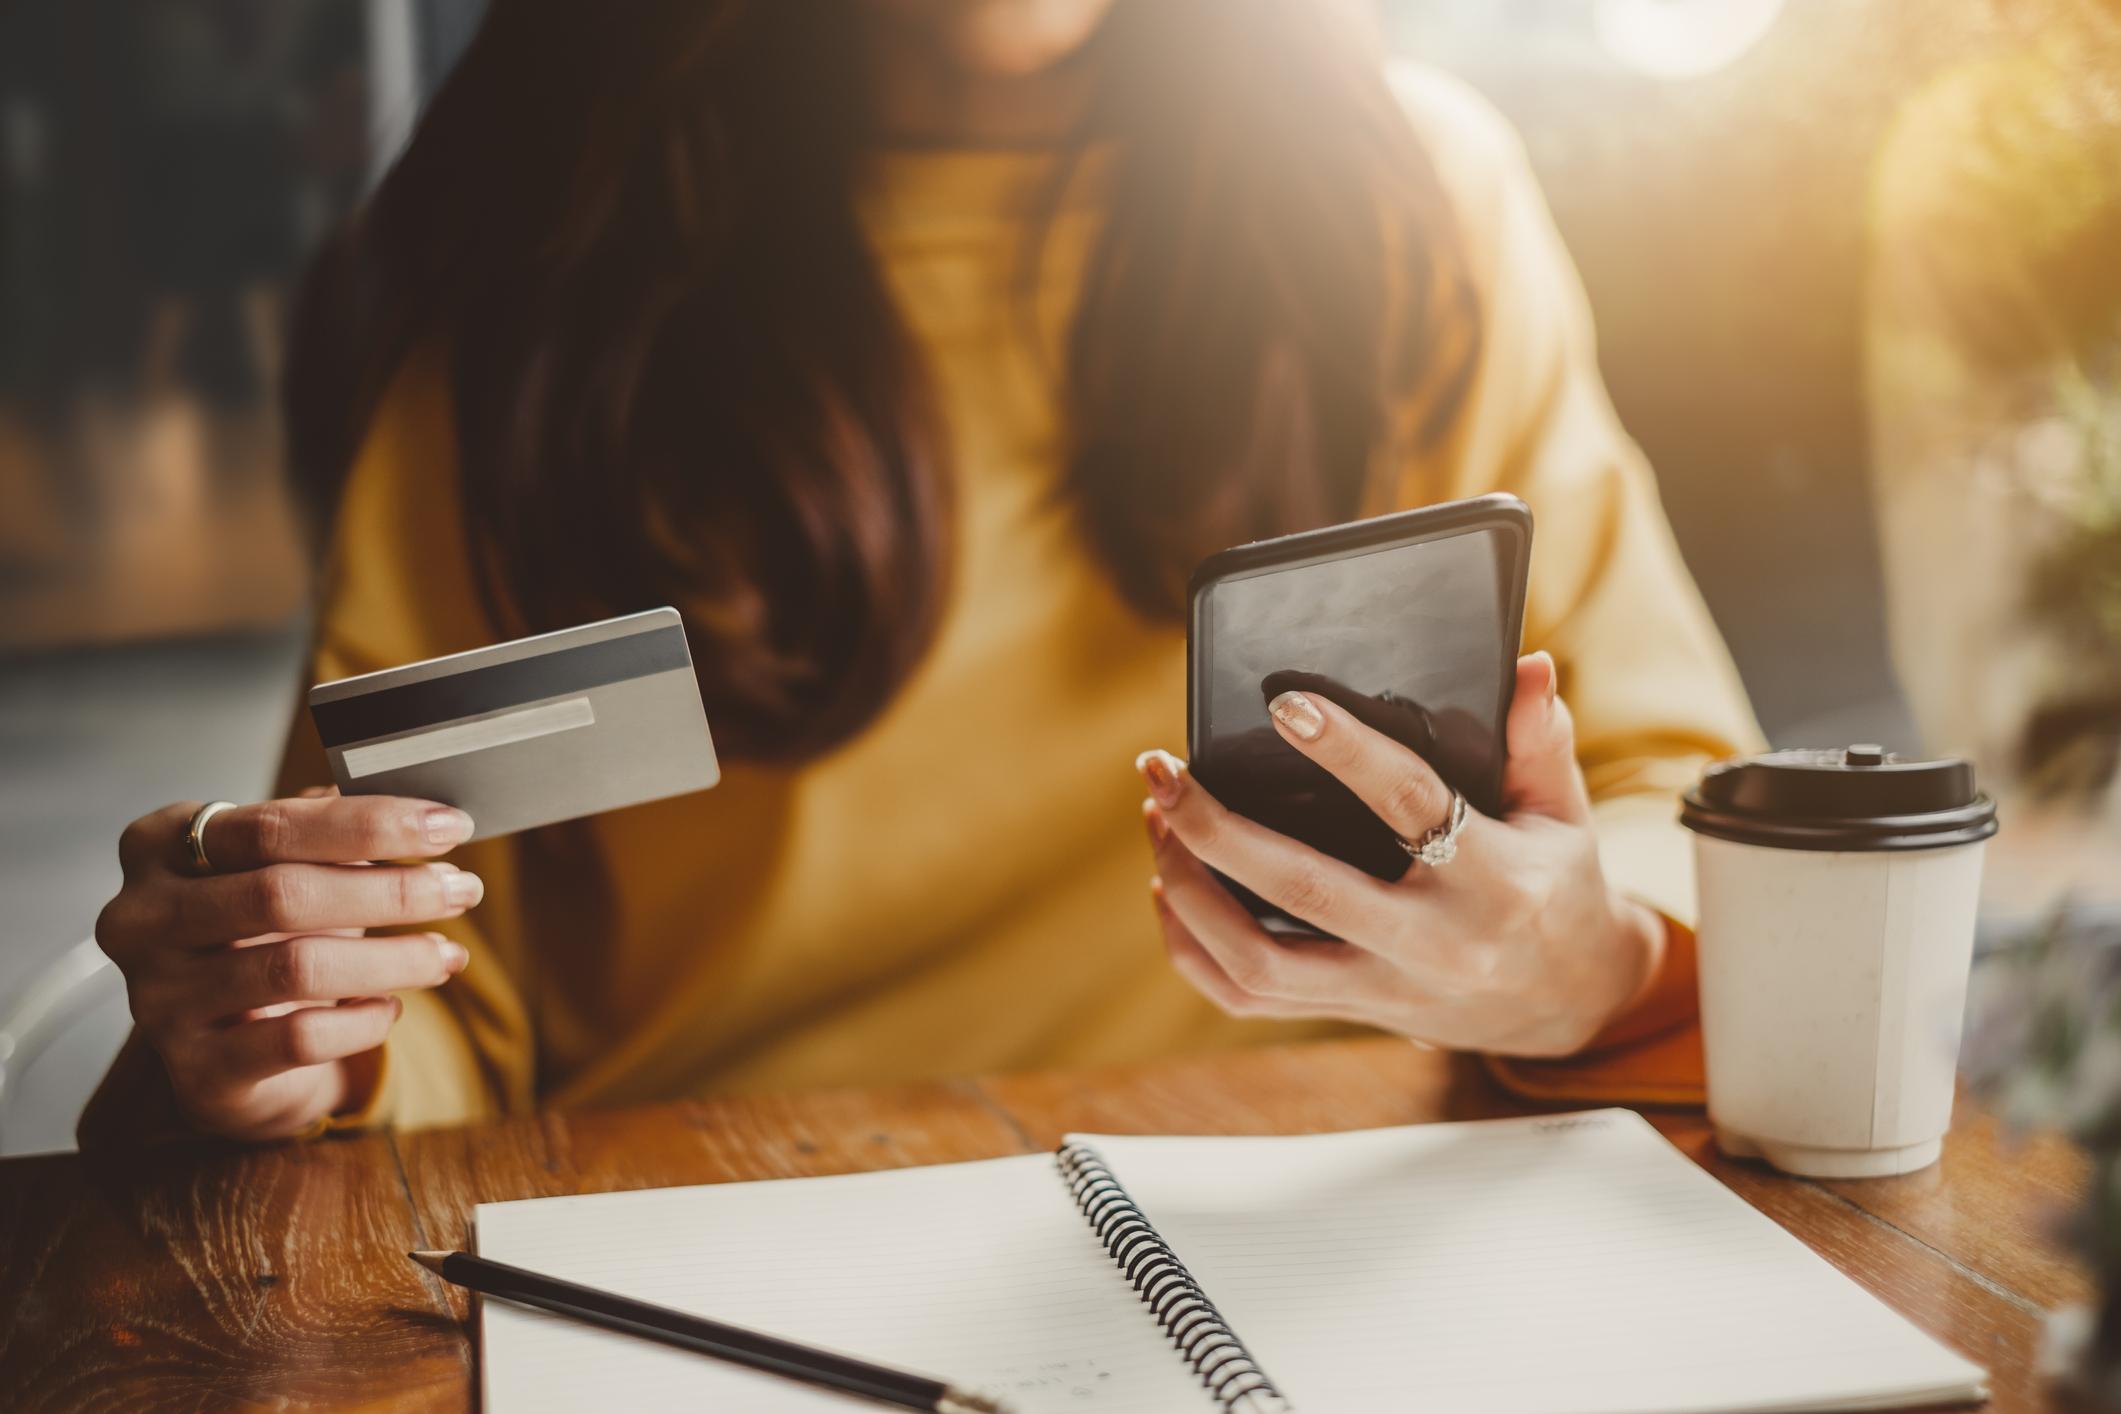 Où prédominent les achats impulsifs: dans les magasins physiques ou en ligne?